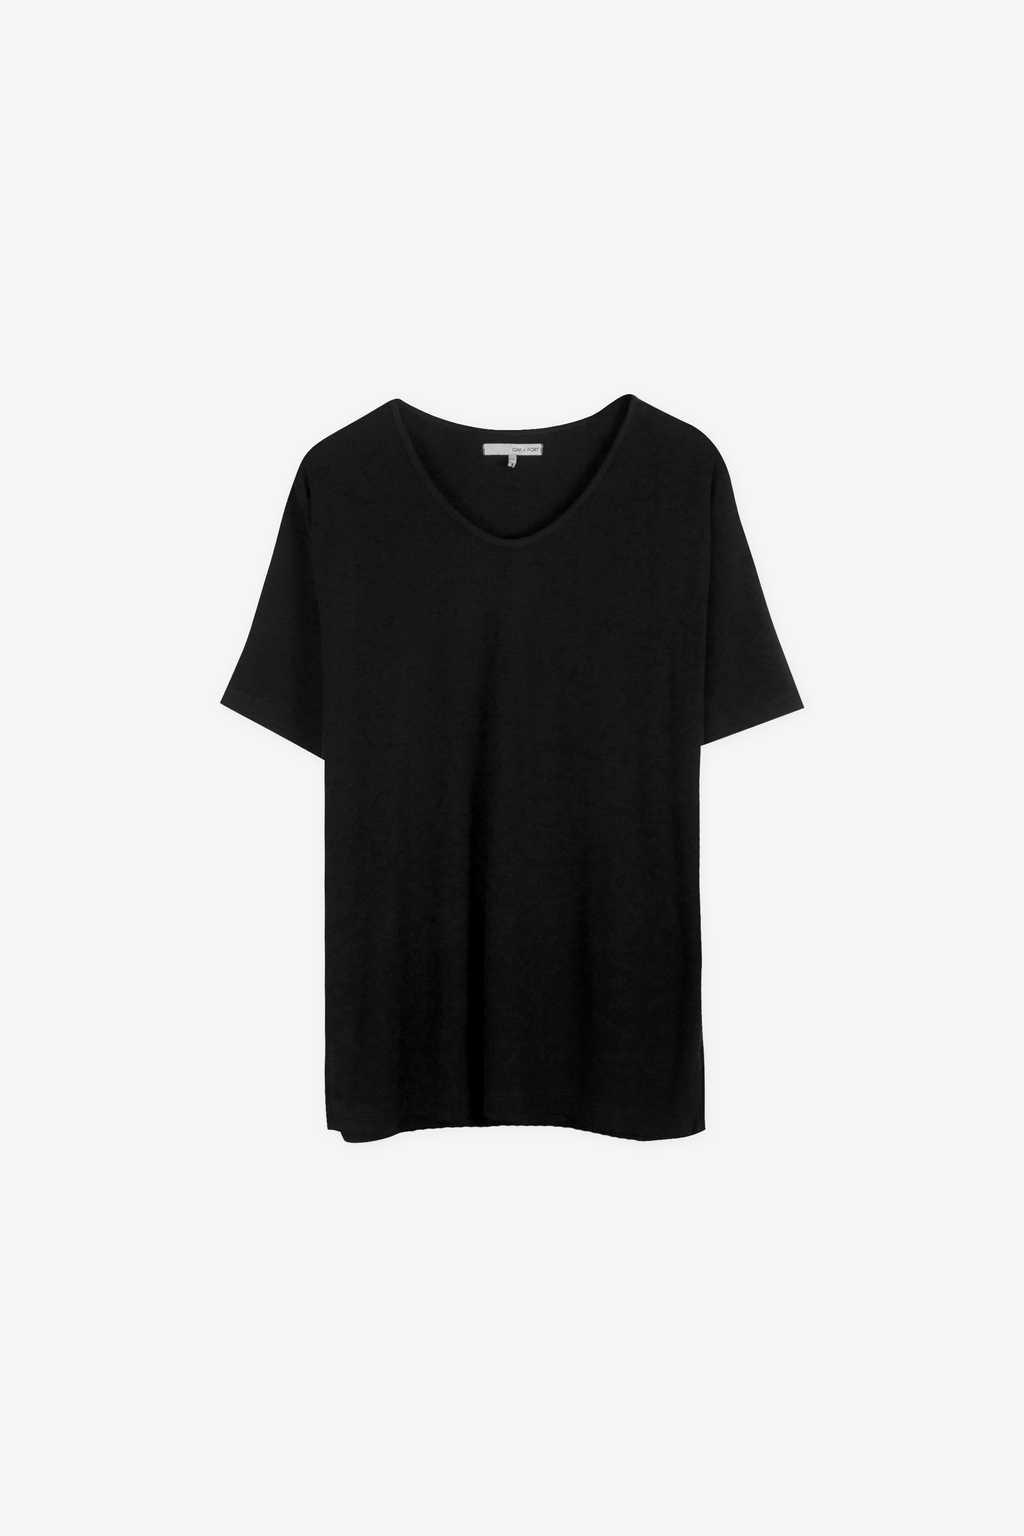 TShirt H242 Black 9